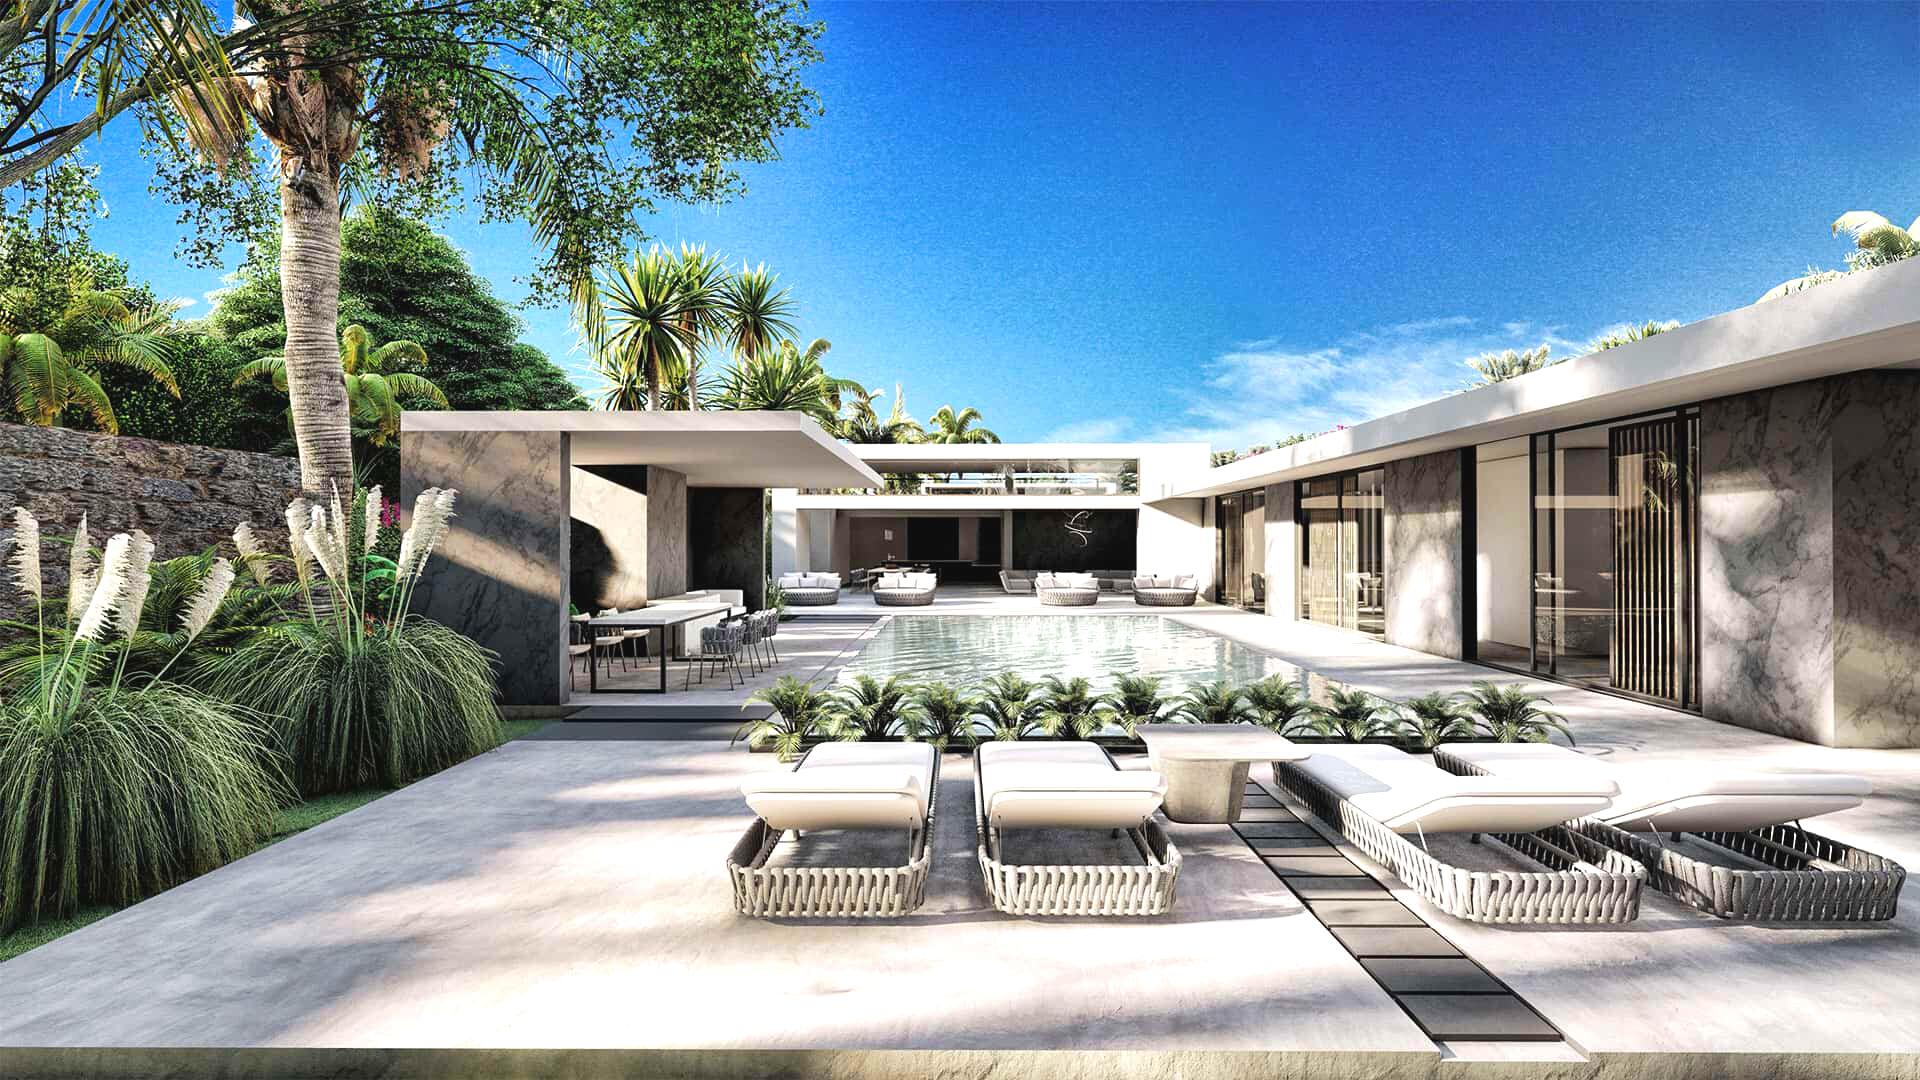 Villas d'architecte de 3 chambres avec piscine et jardin privé